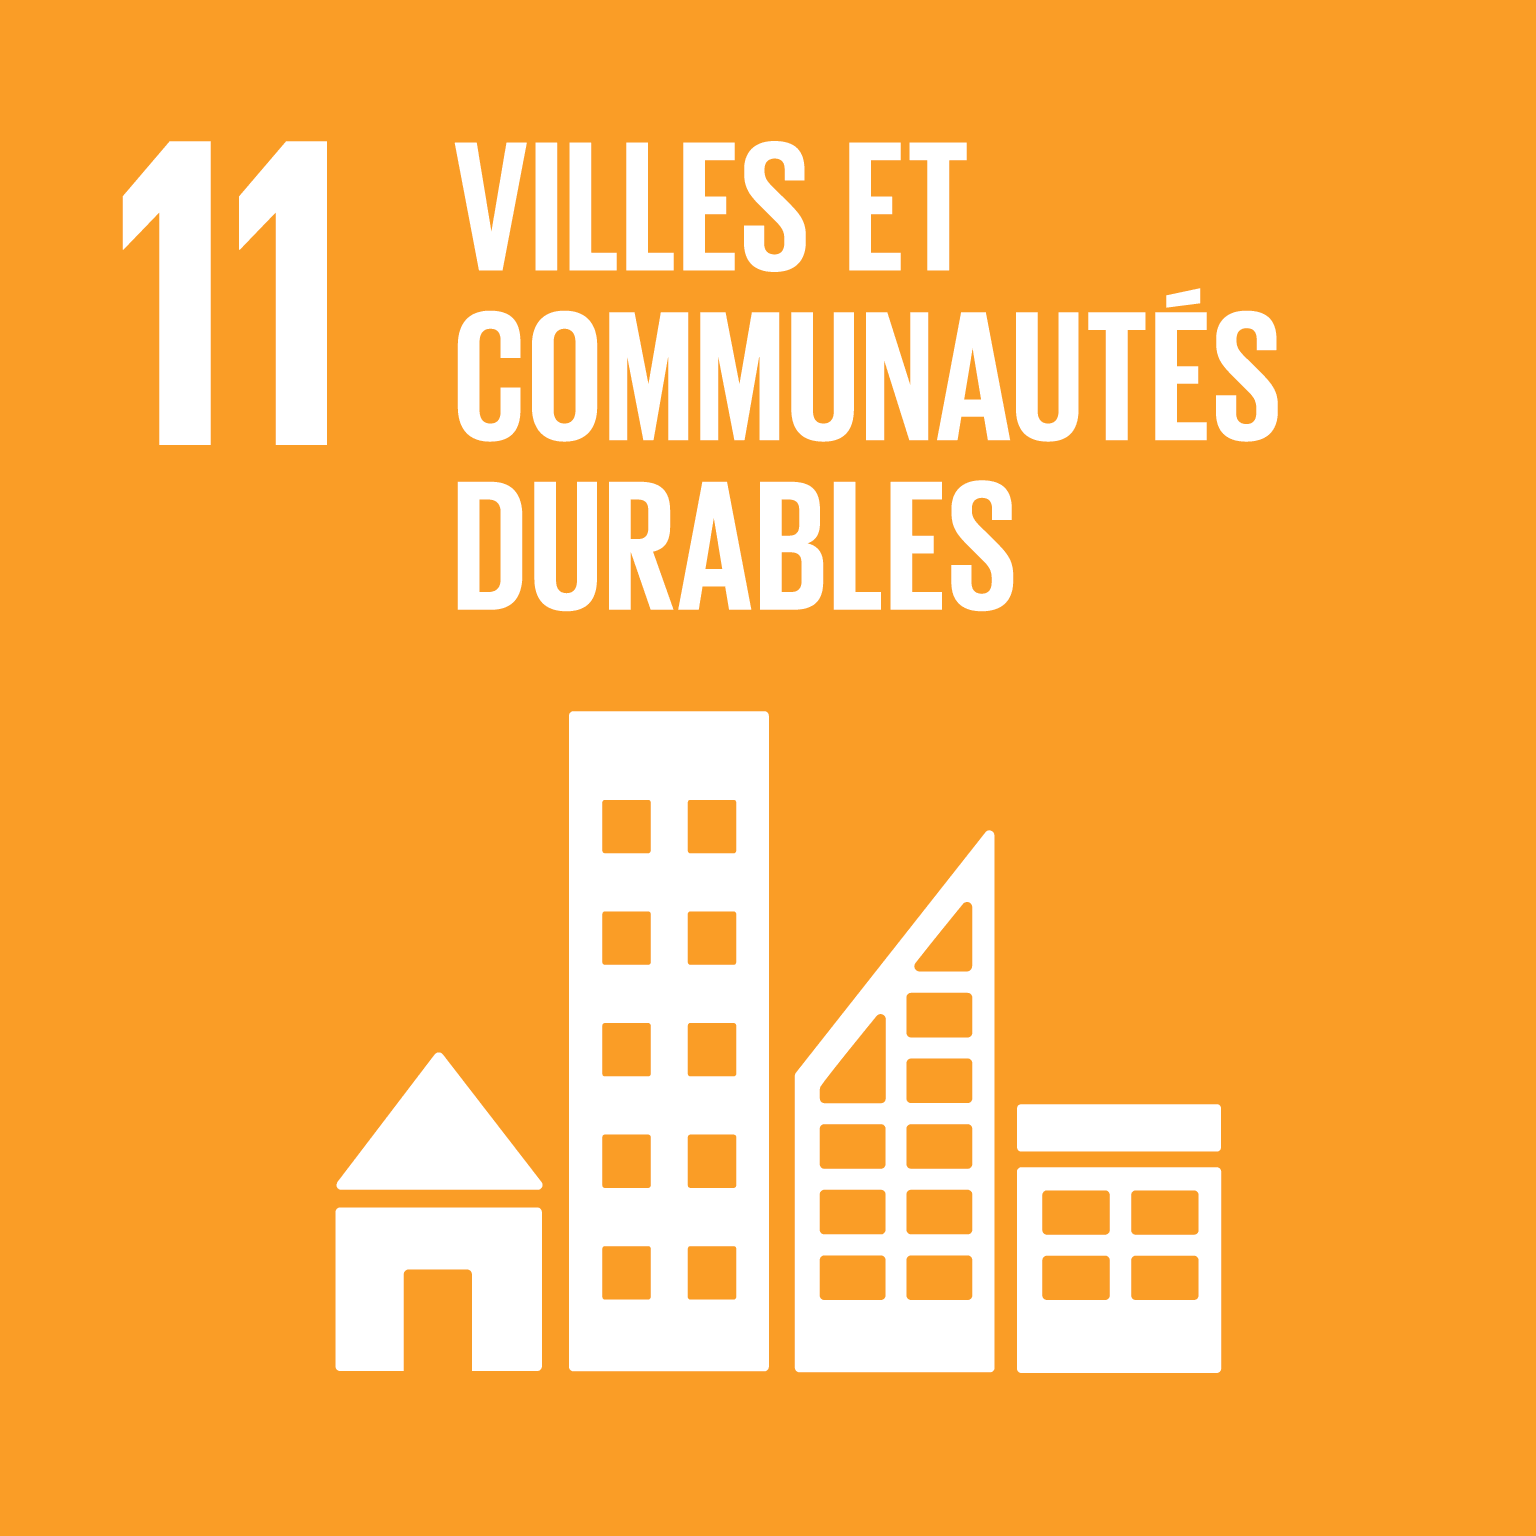 ODD Villes et communautés durables